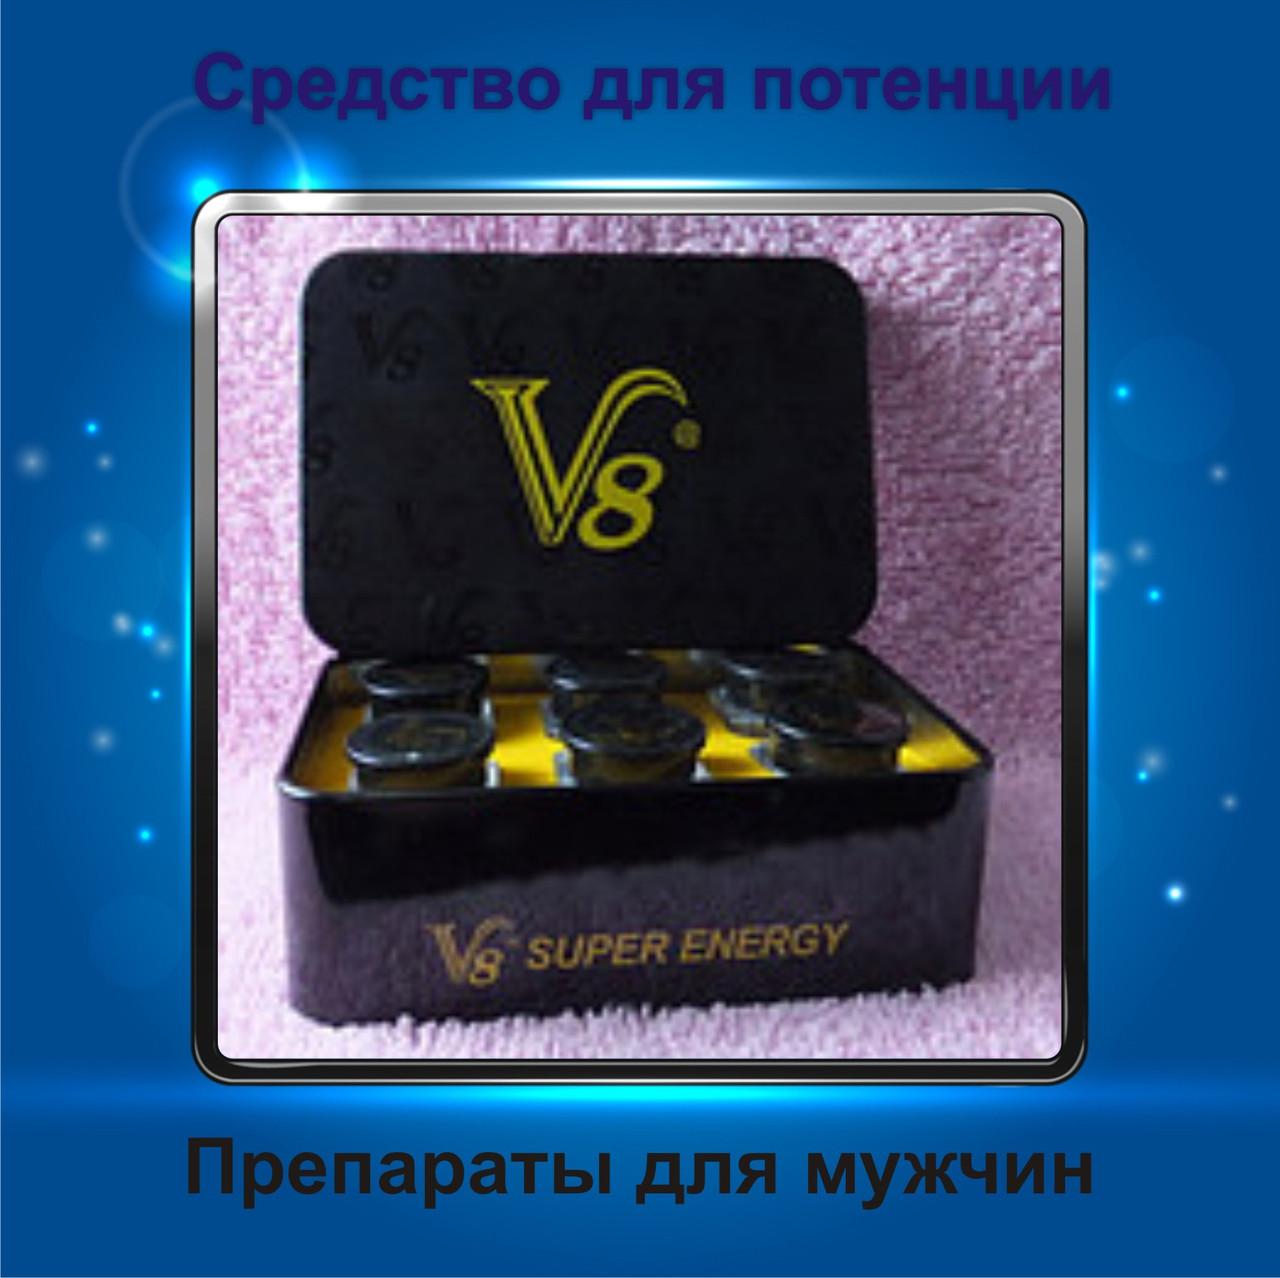 Viagra V